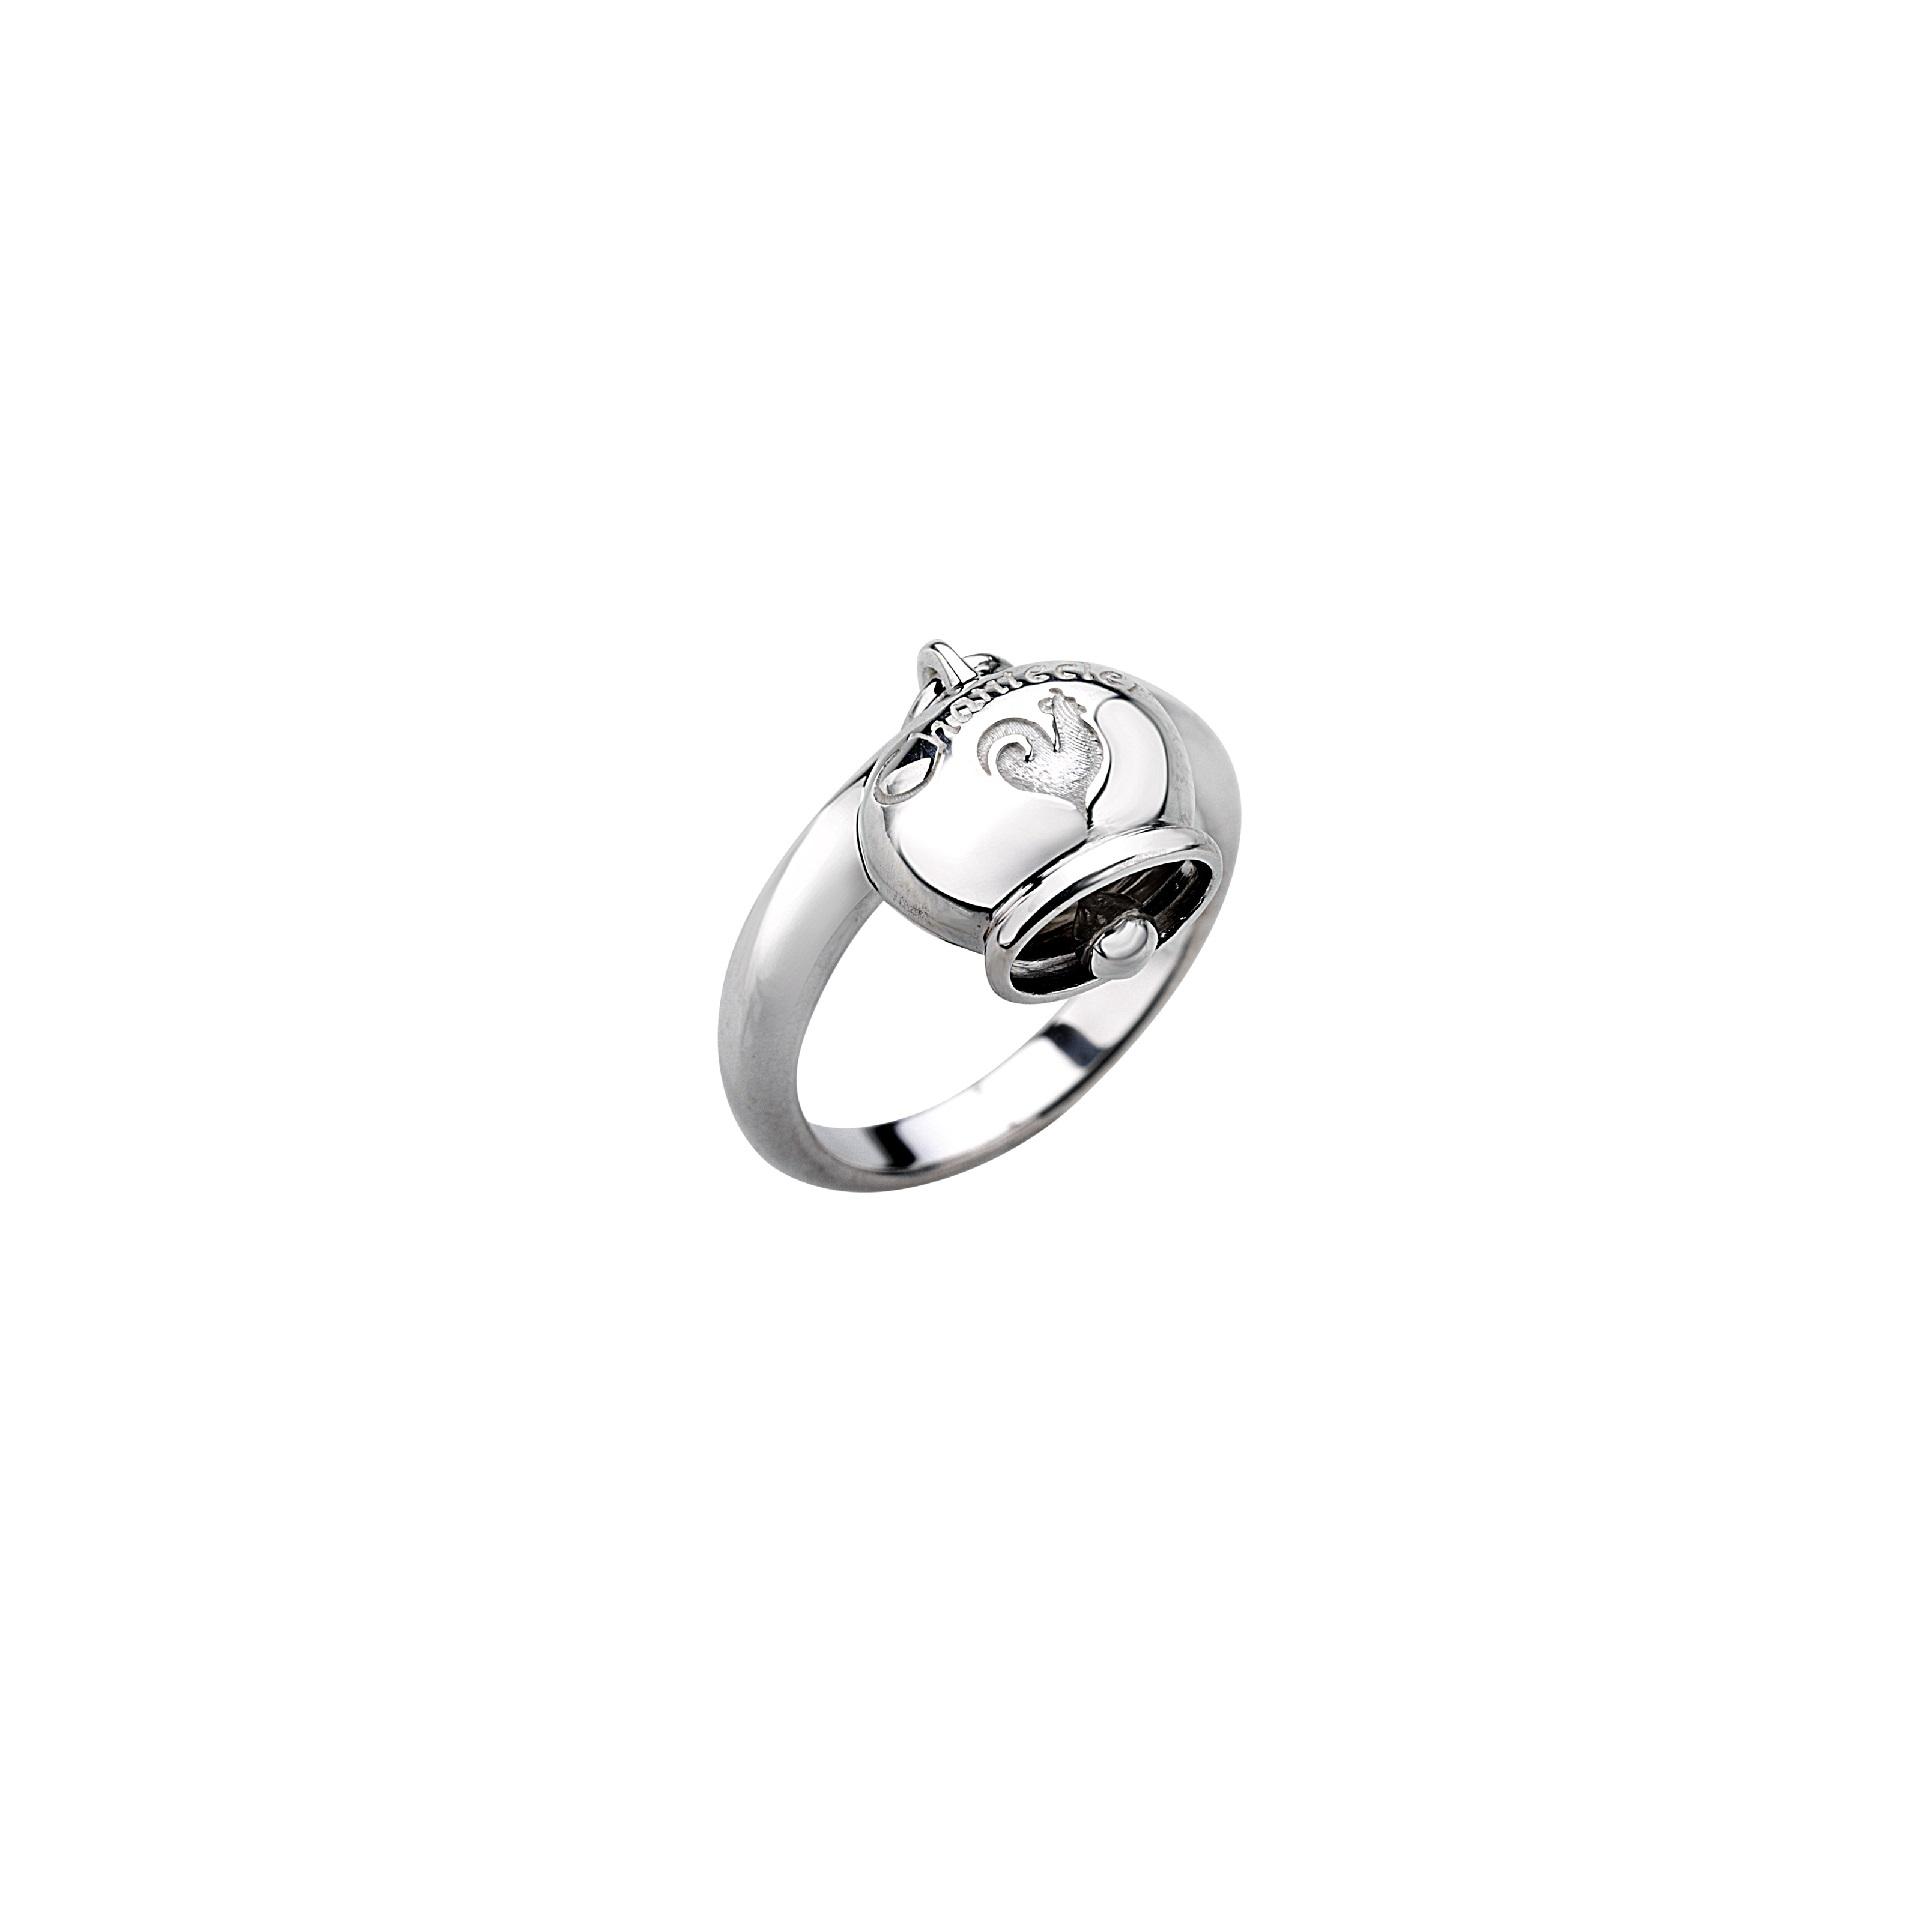 Chantecler Et voilà Ring aus Silber